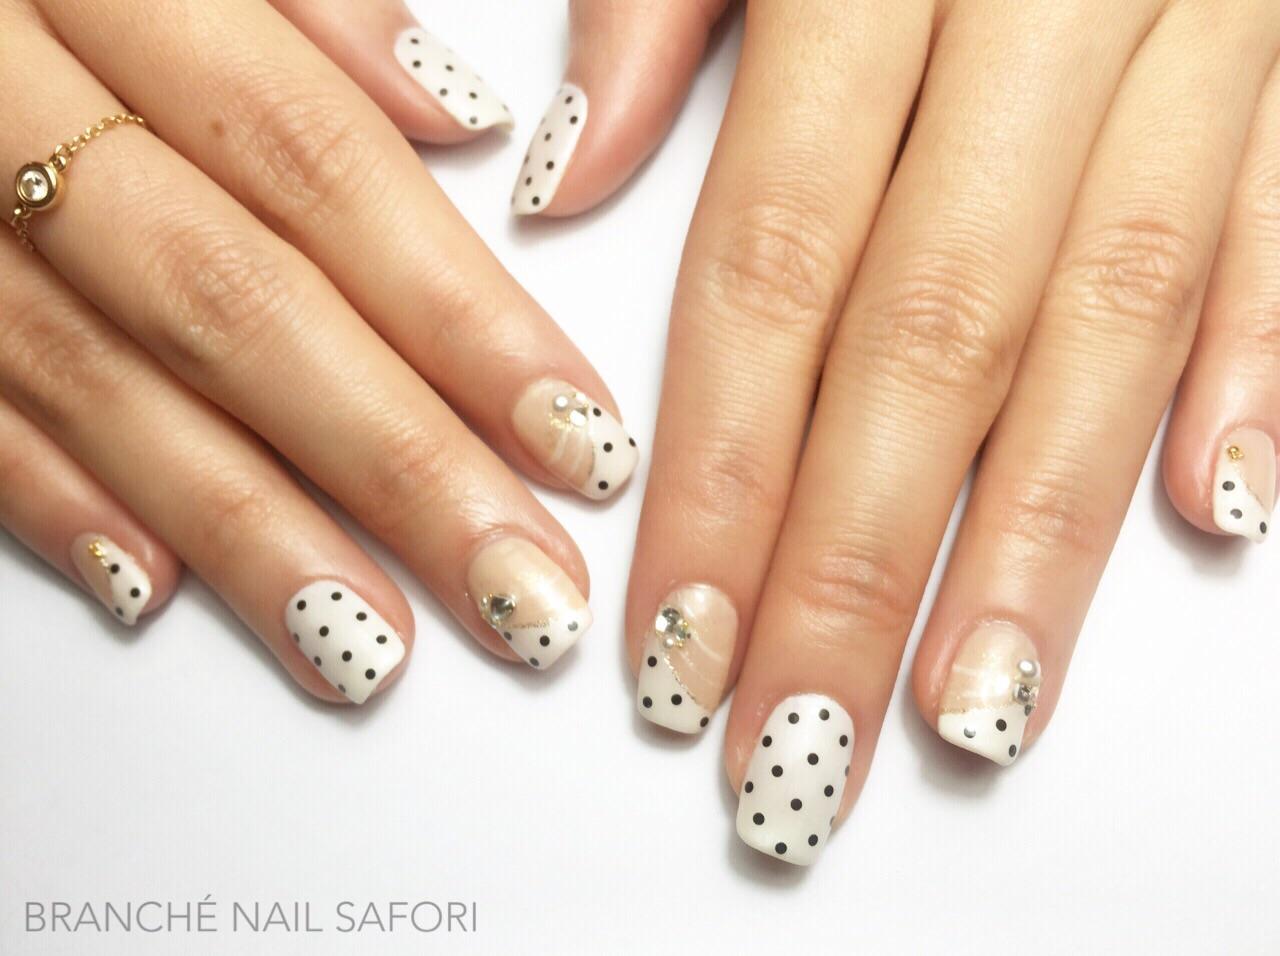 Kawaii Polka Dots (Safori)